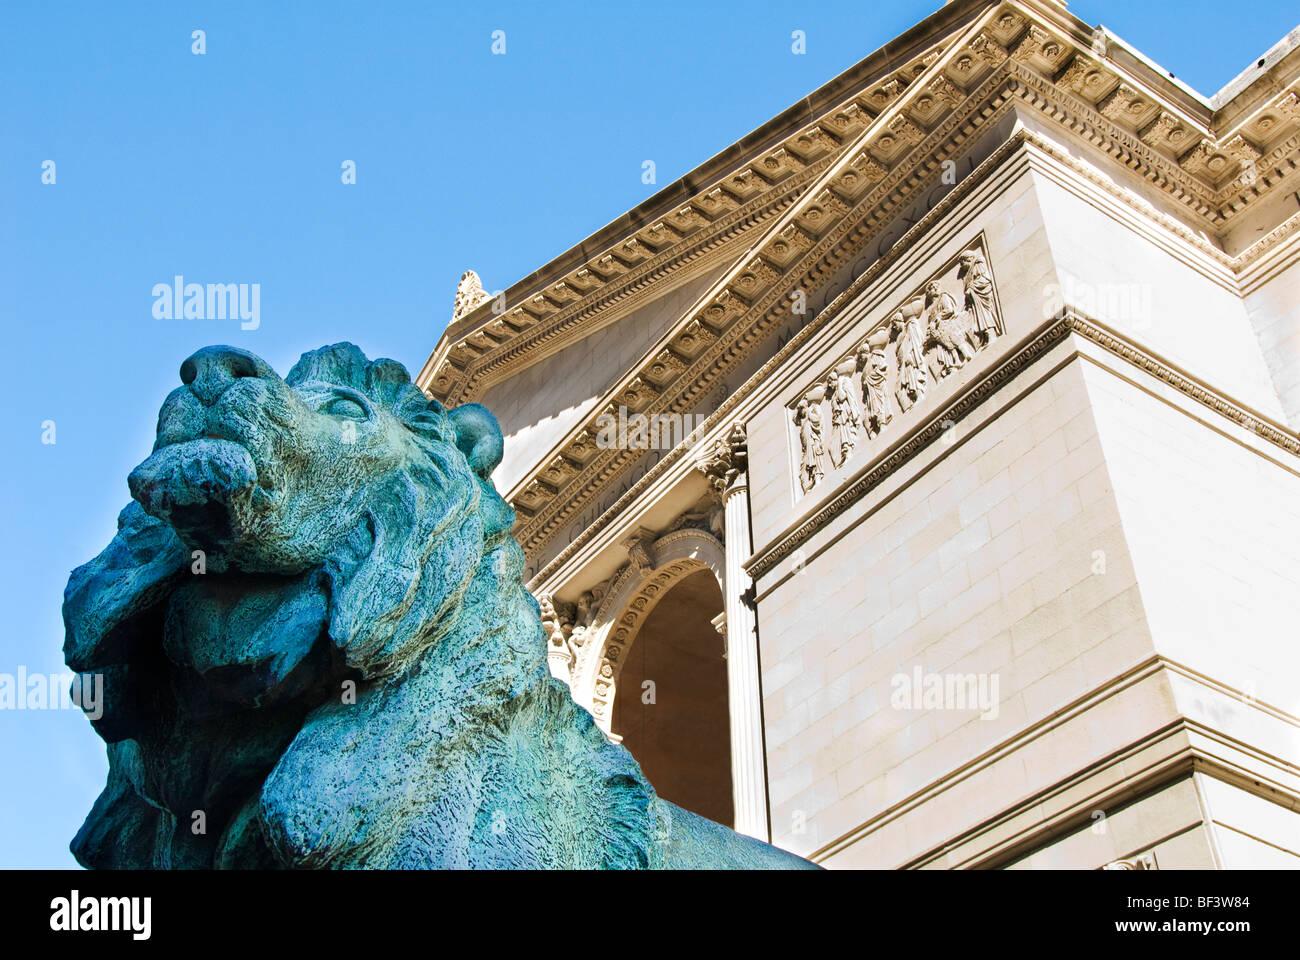 Leone di Bronzo statua presso l'entrata dell'Art Institute of Chicago, Chicago, Illinois, Stati Uniti d'America Immagini Stock